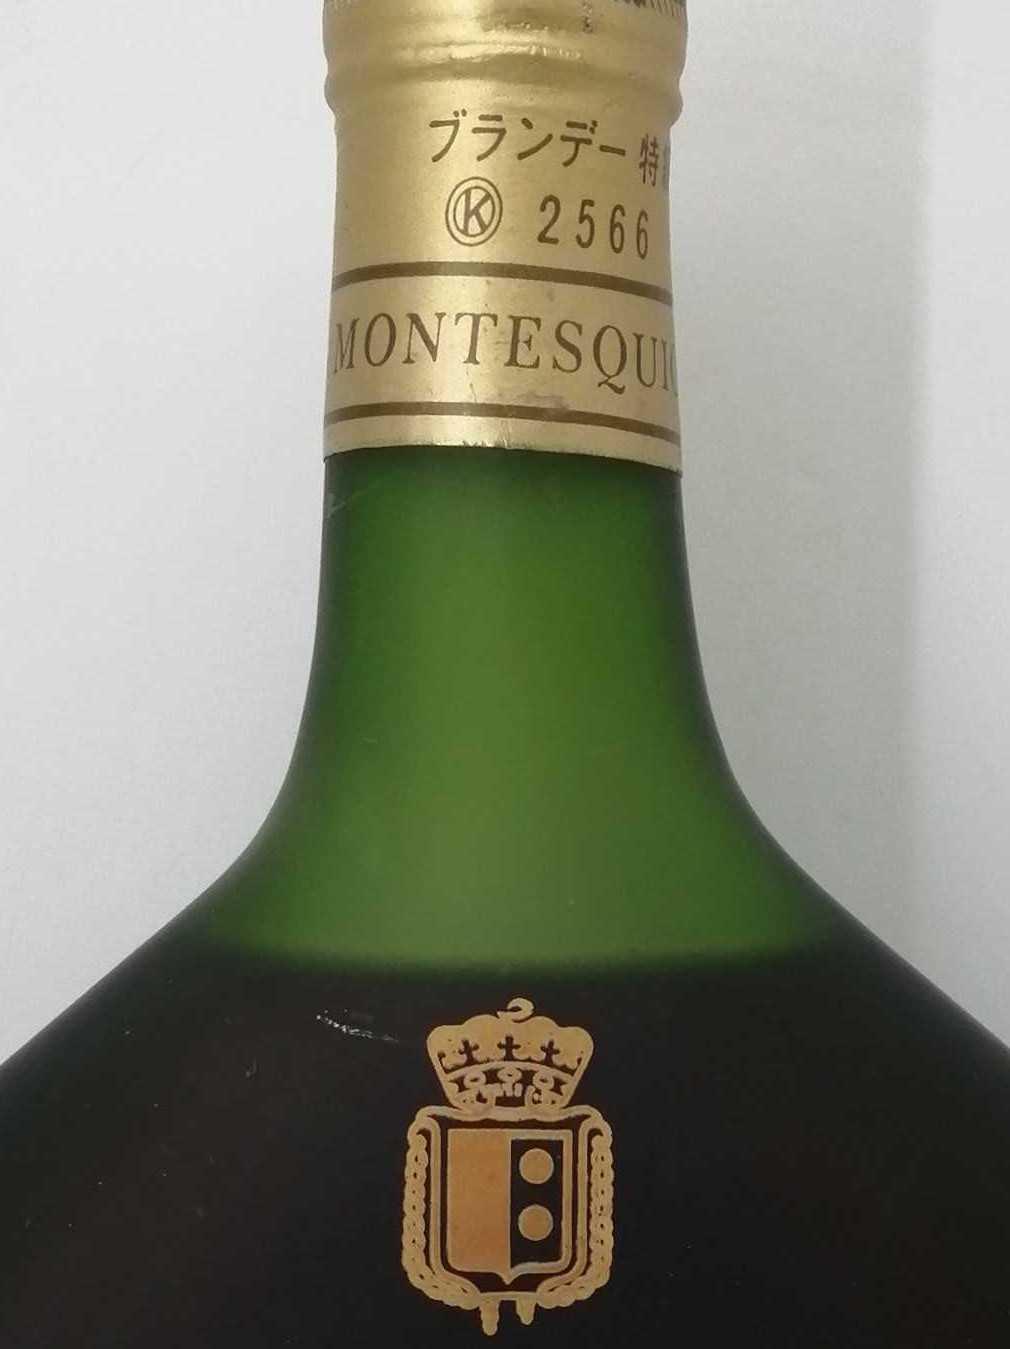 マルキドモンテスキュー ナポレオン|MARQUIS DE MONTESQUIOU